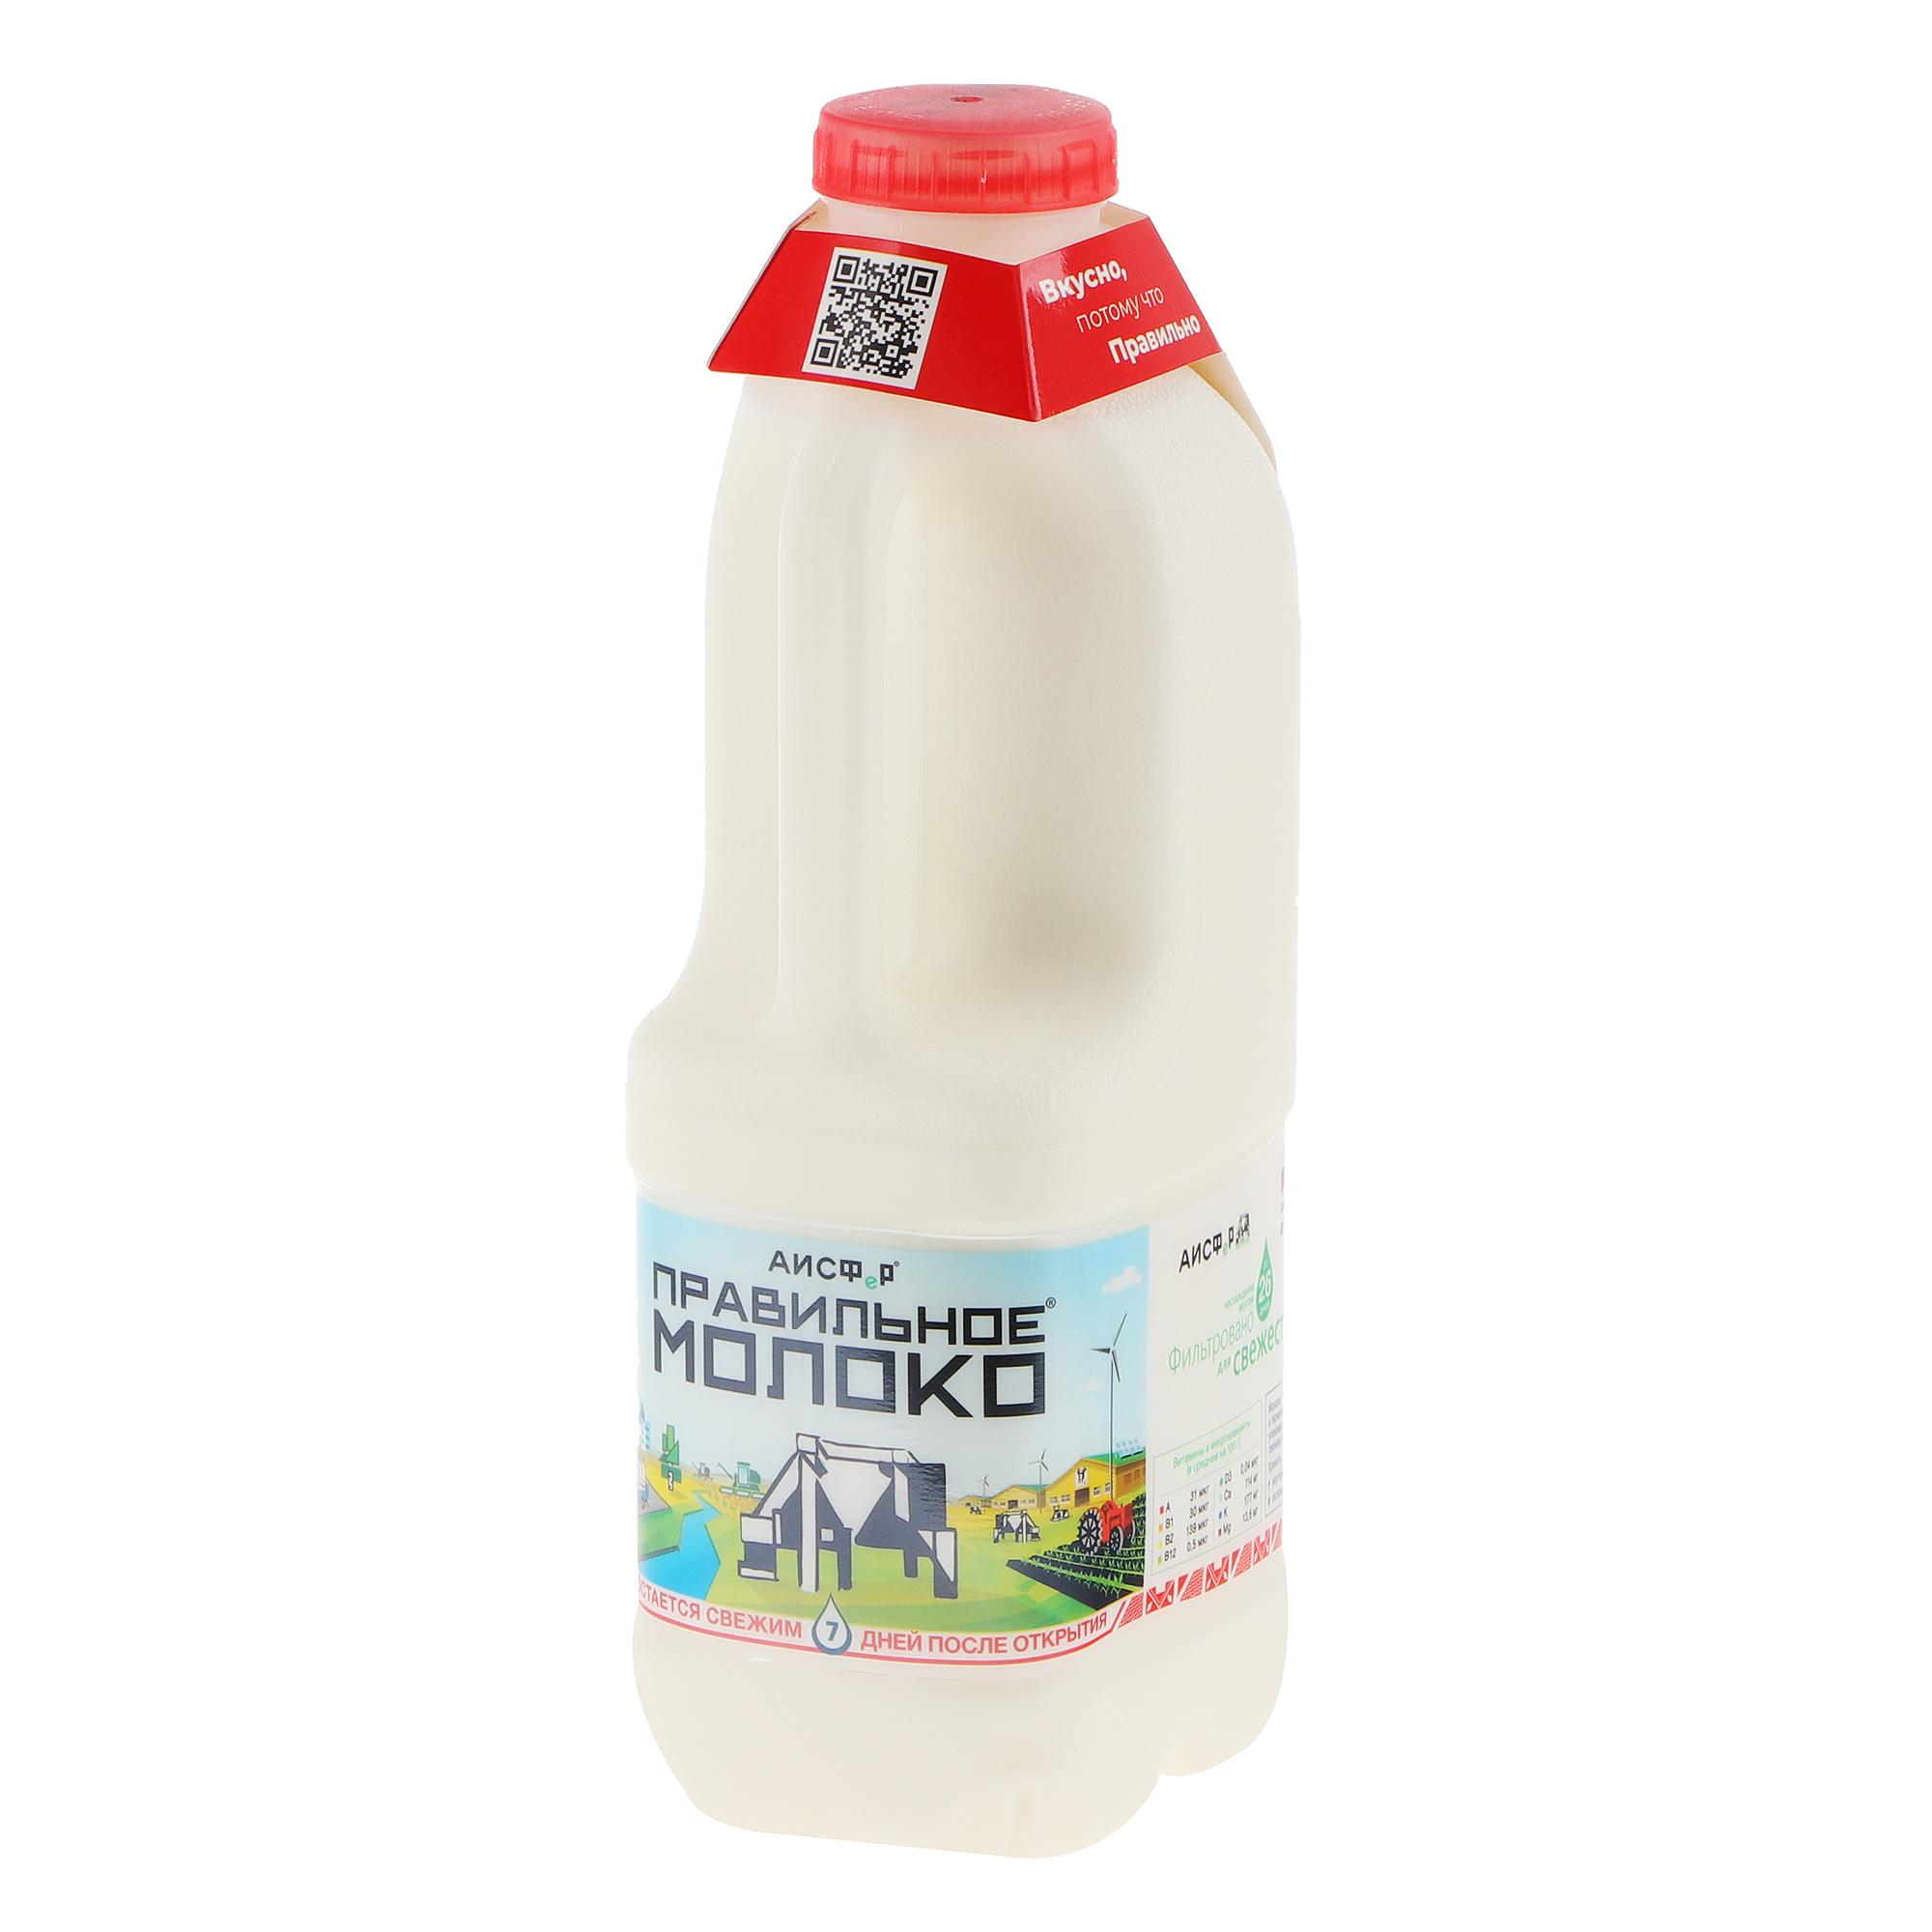 Молоко пастеризованное Правильное молоко 3,2-4% 0,9 л фото